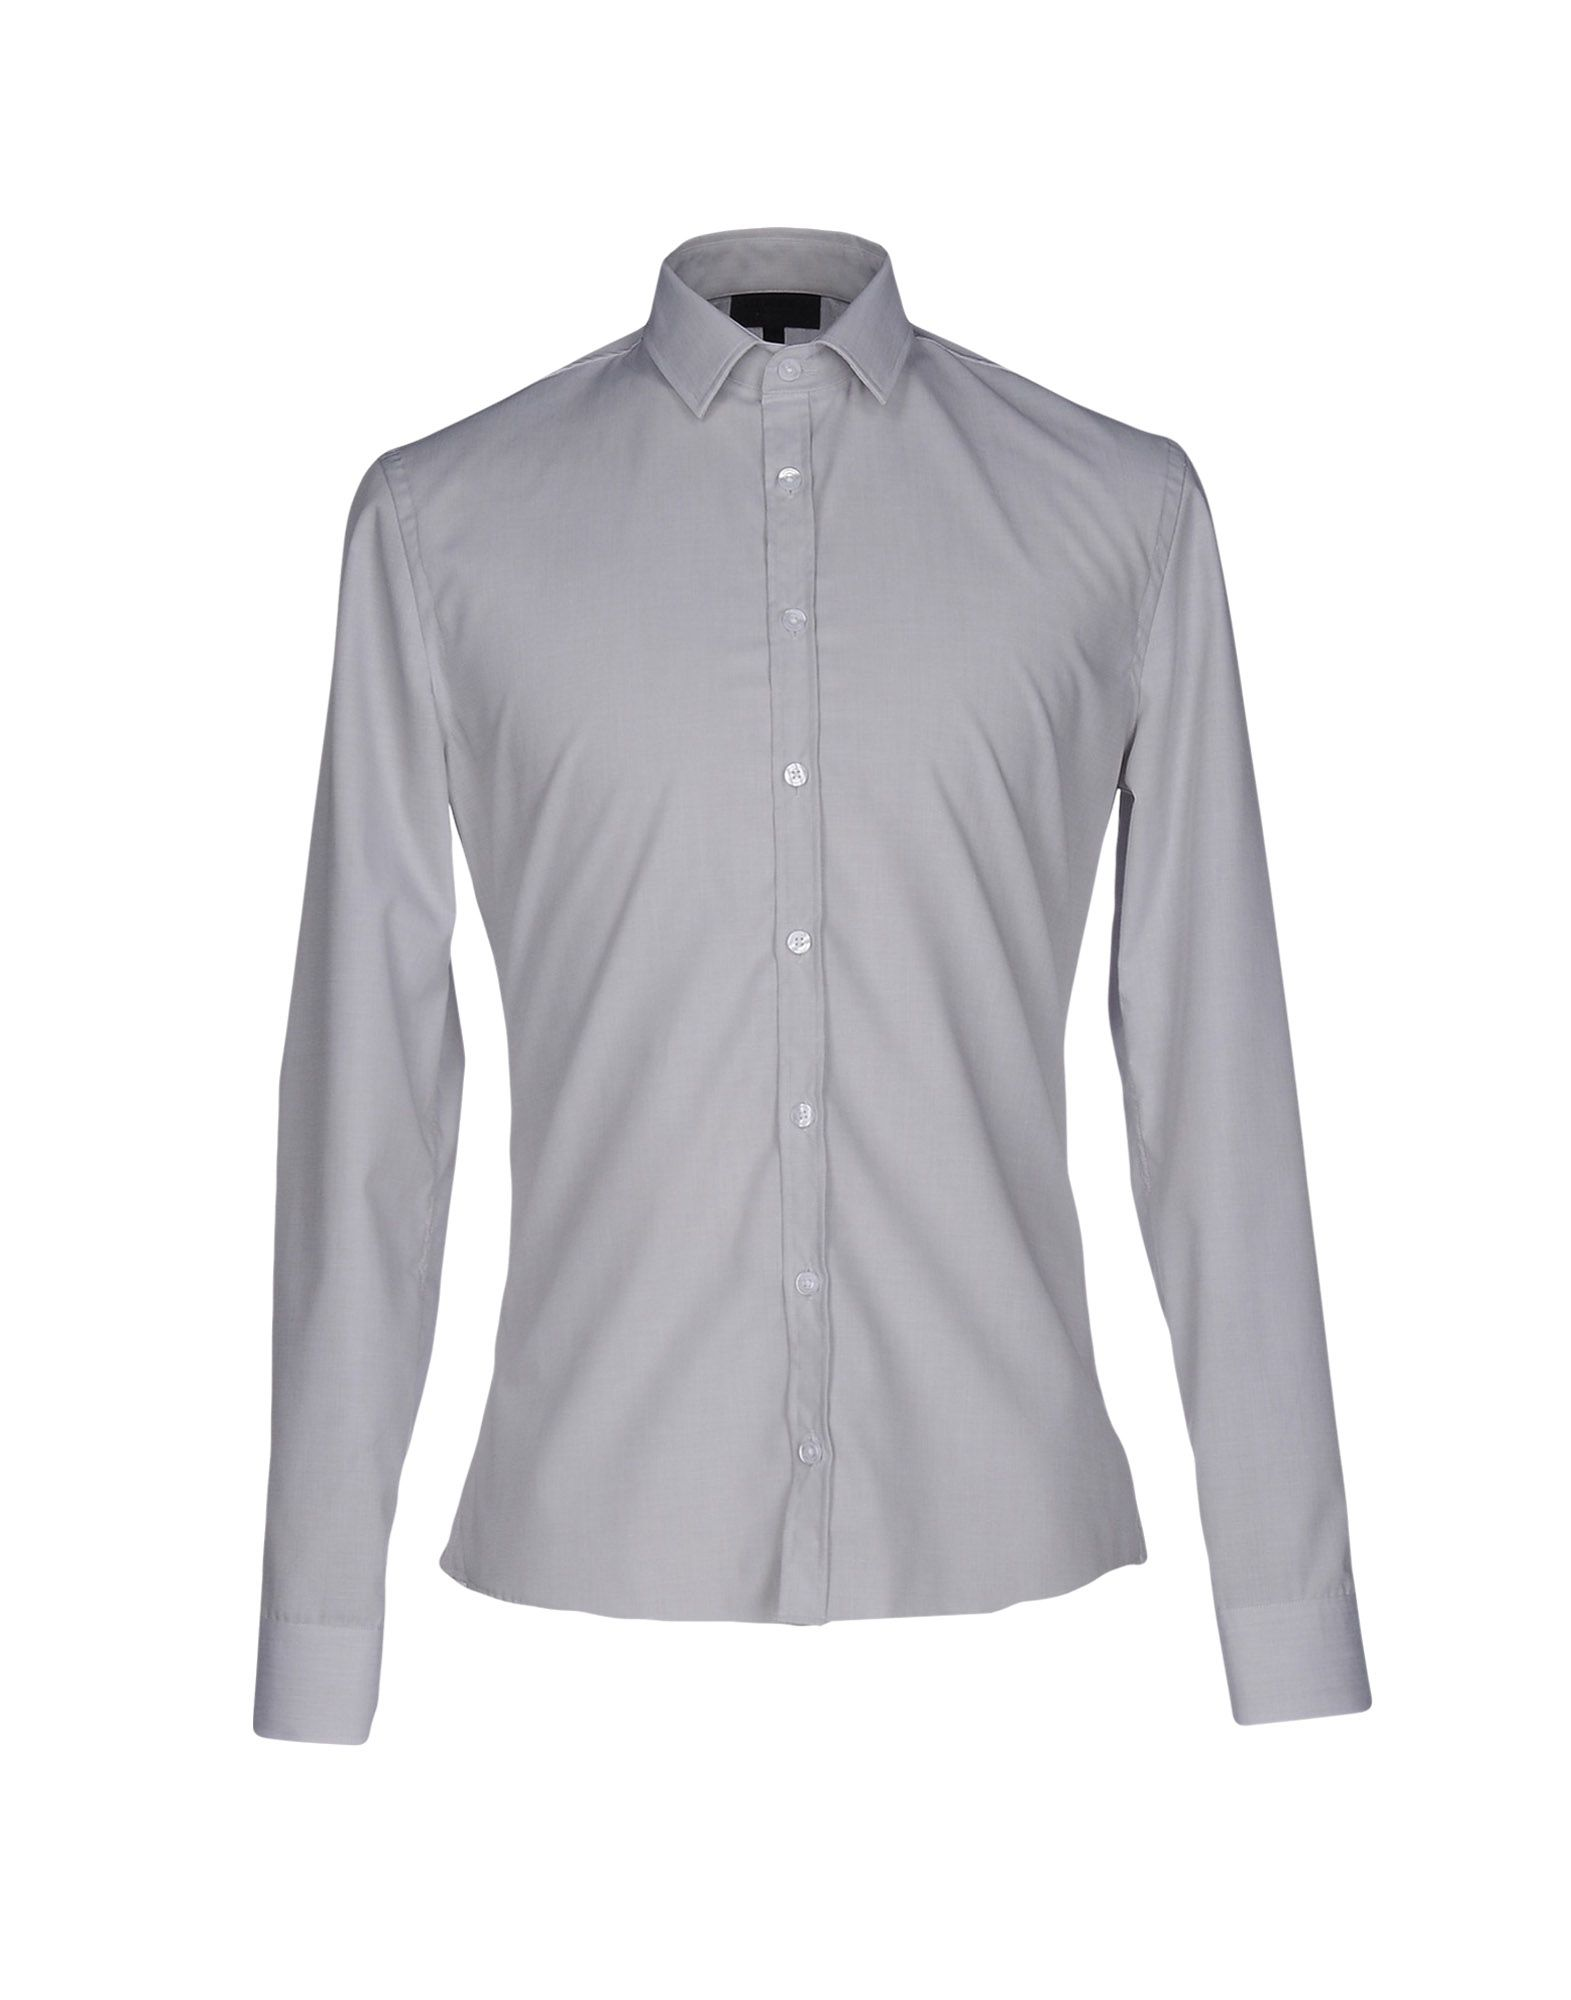 LES HOMMES Herren Hemd Farbe Hellgrau Größe 4 jetztbilligerkaufen